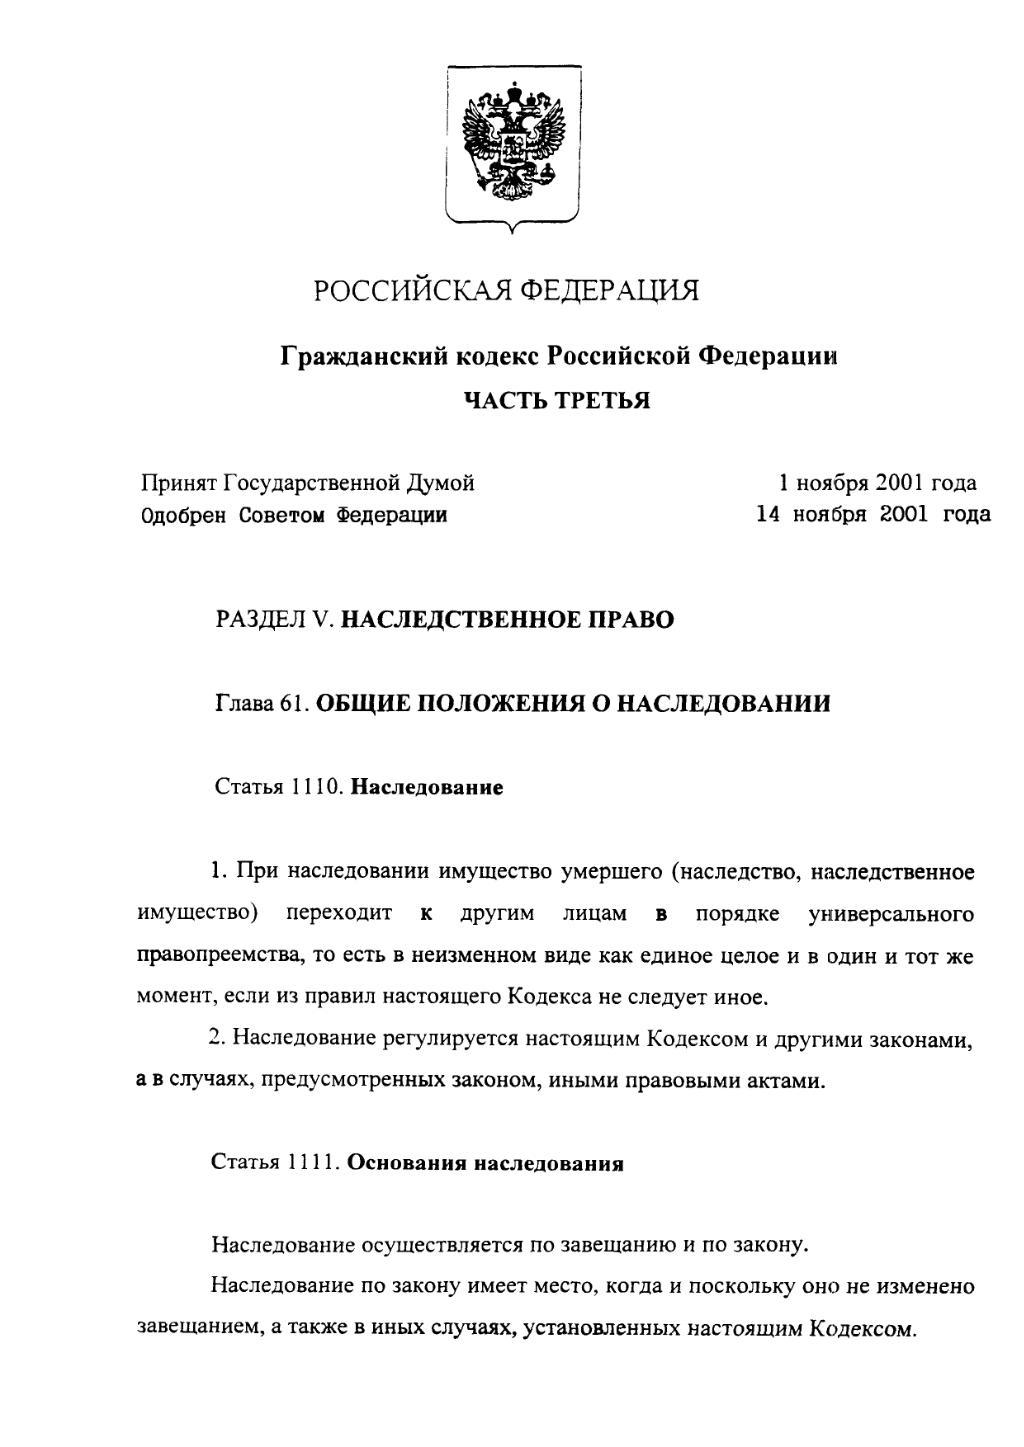 Страница Гражданский кодекс РФ, часть 3.djvu 1 — Викитека 1a3e7d928b6